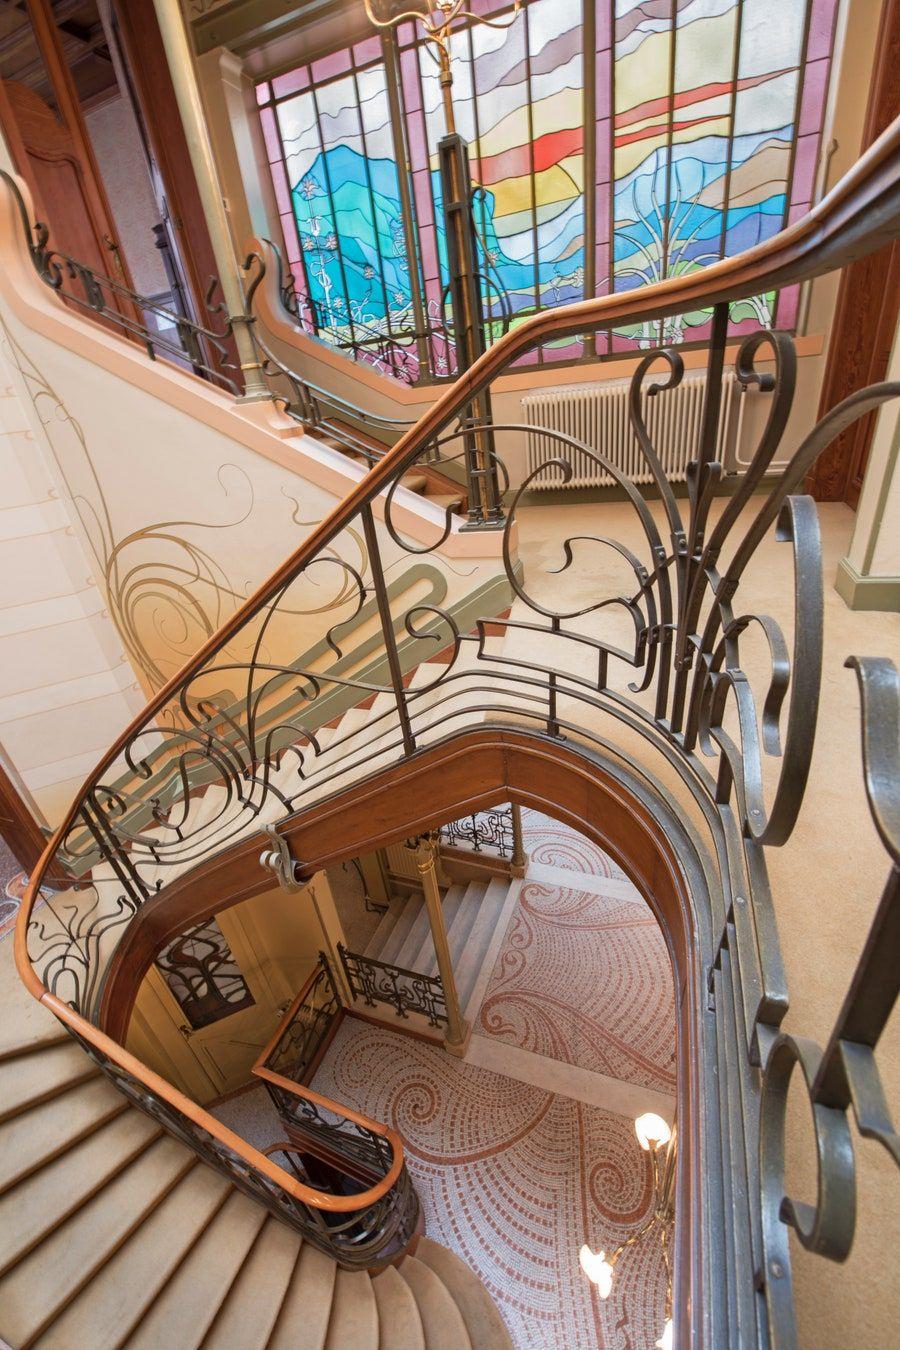 Art Nouveau Art Deco Biennale Architecture Tour | Architectural Digest